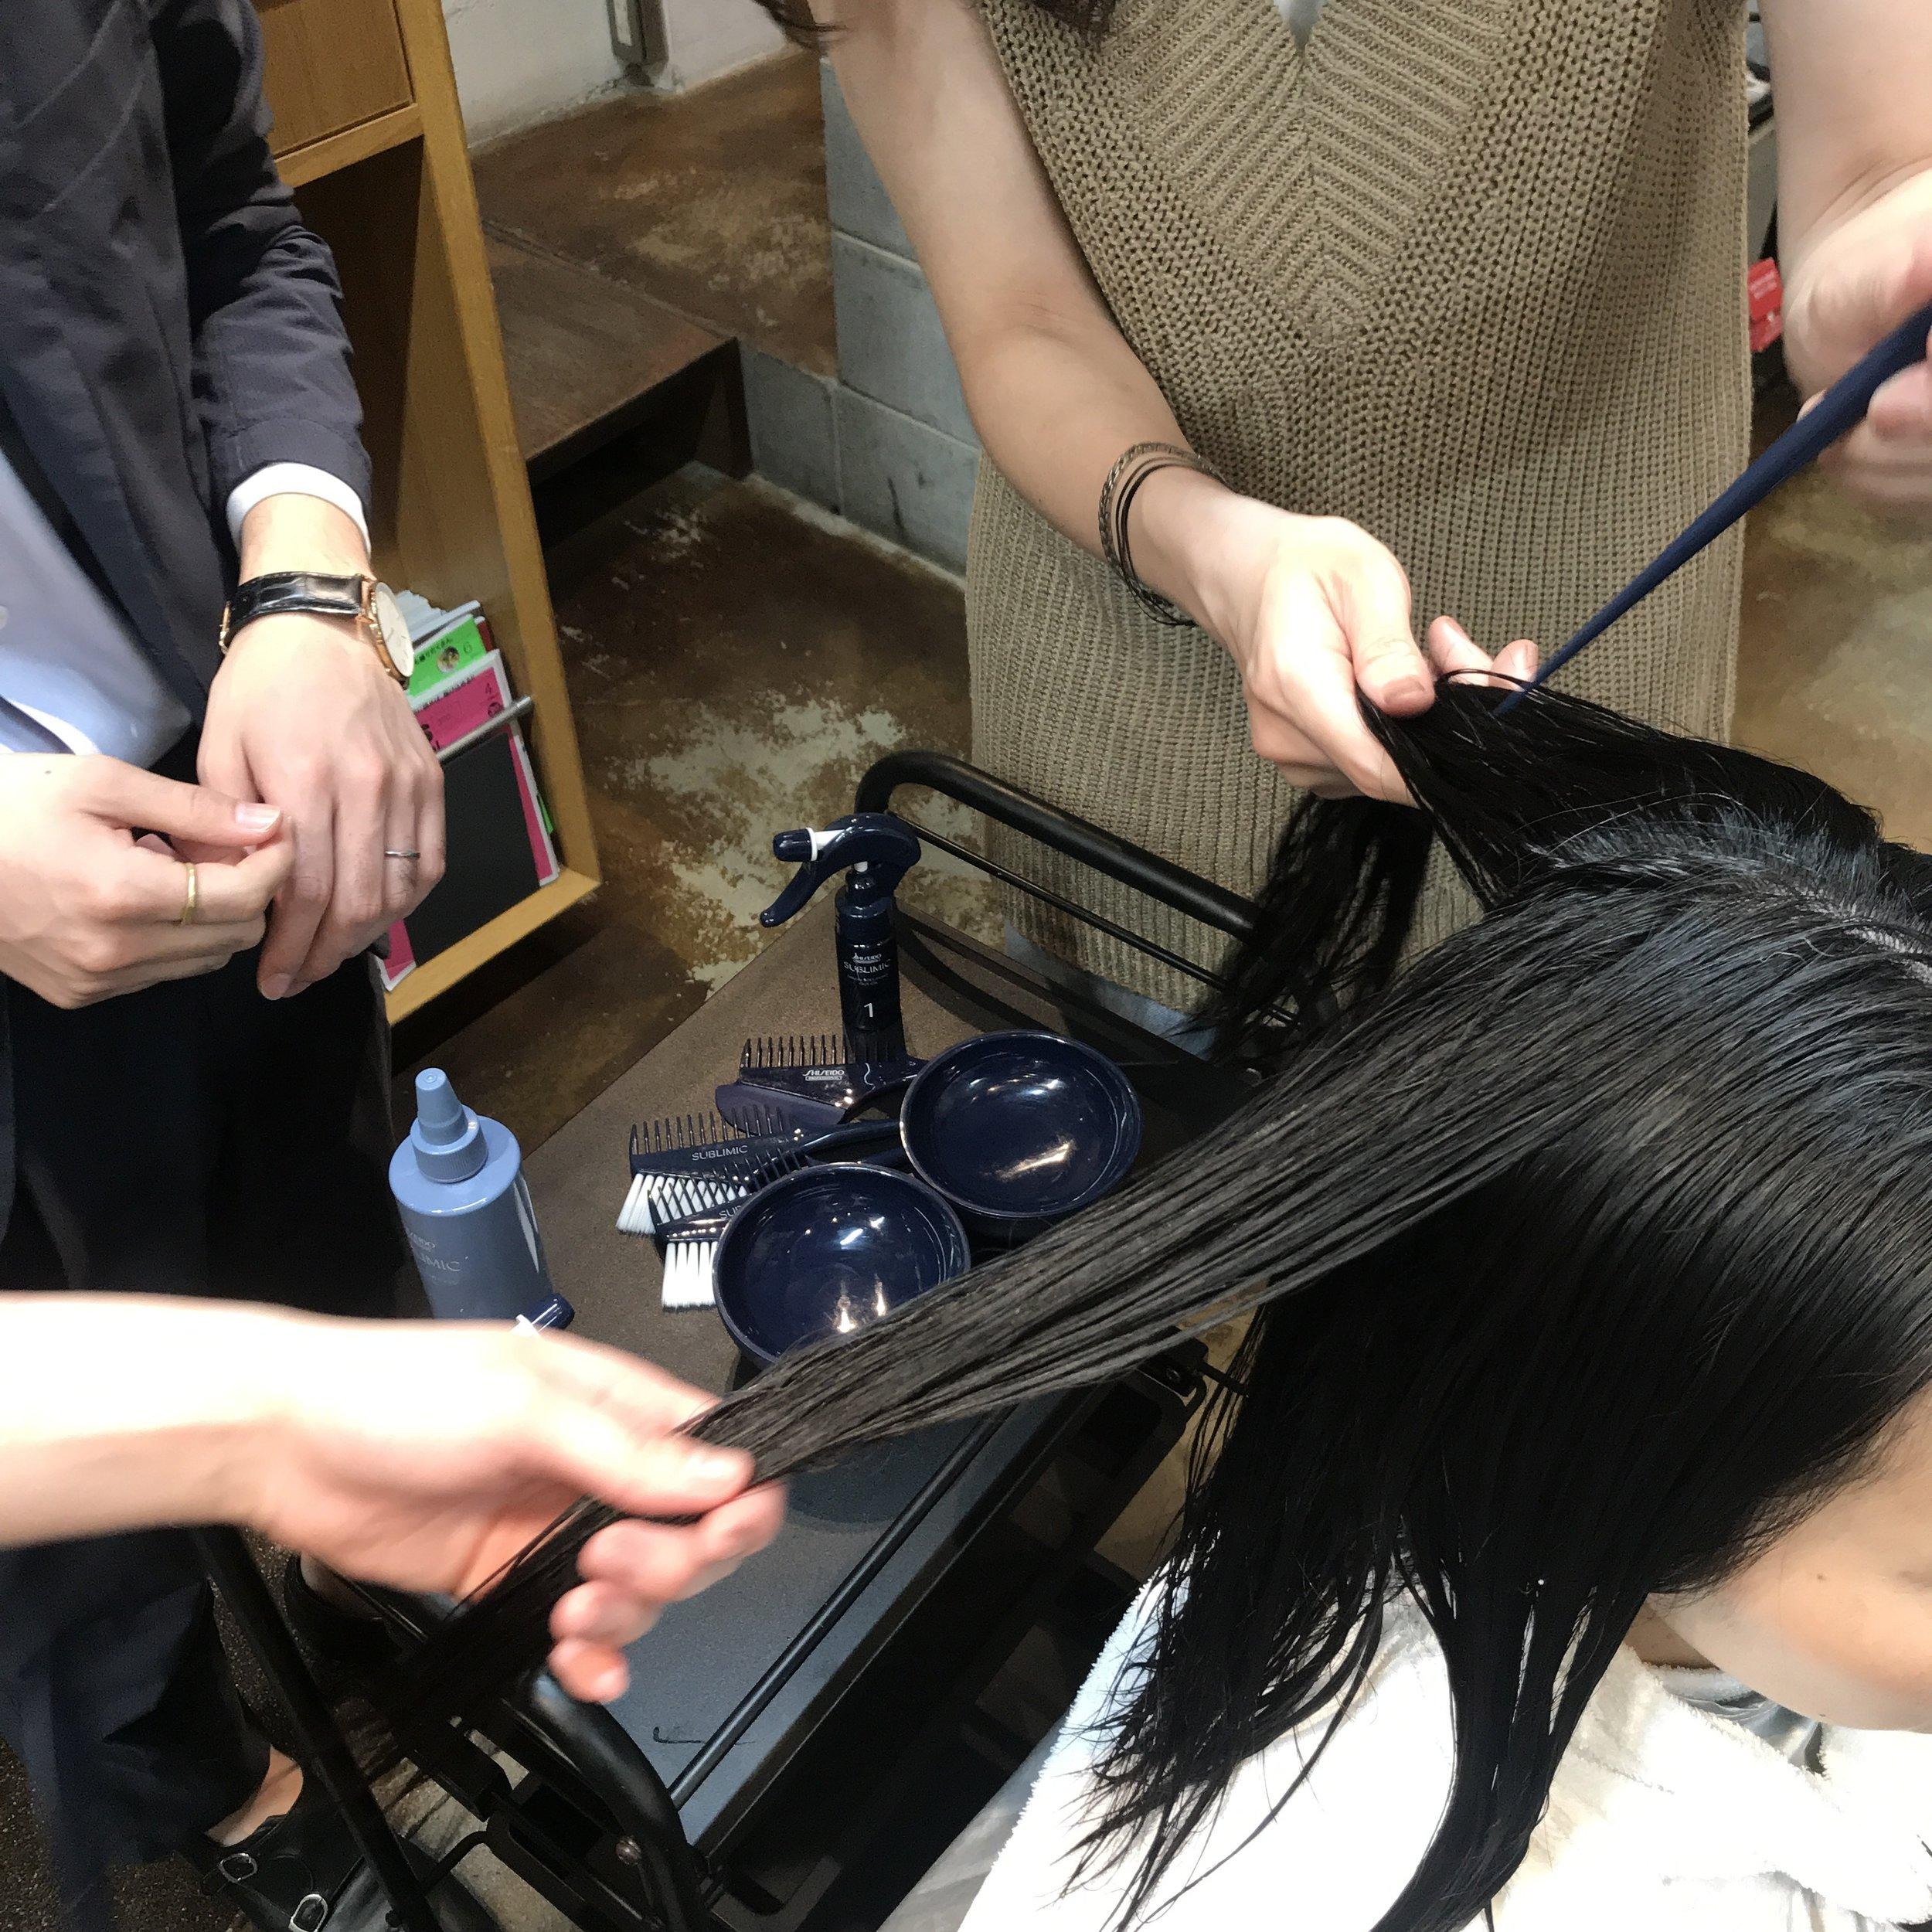 更に髪の内側のカルシウムイオンも取り除きます。  これで初めてトリートメントを受け入れる状態になりました。